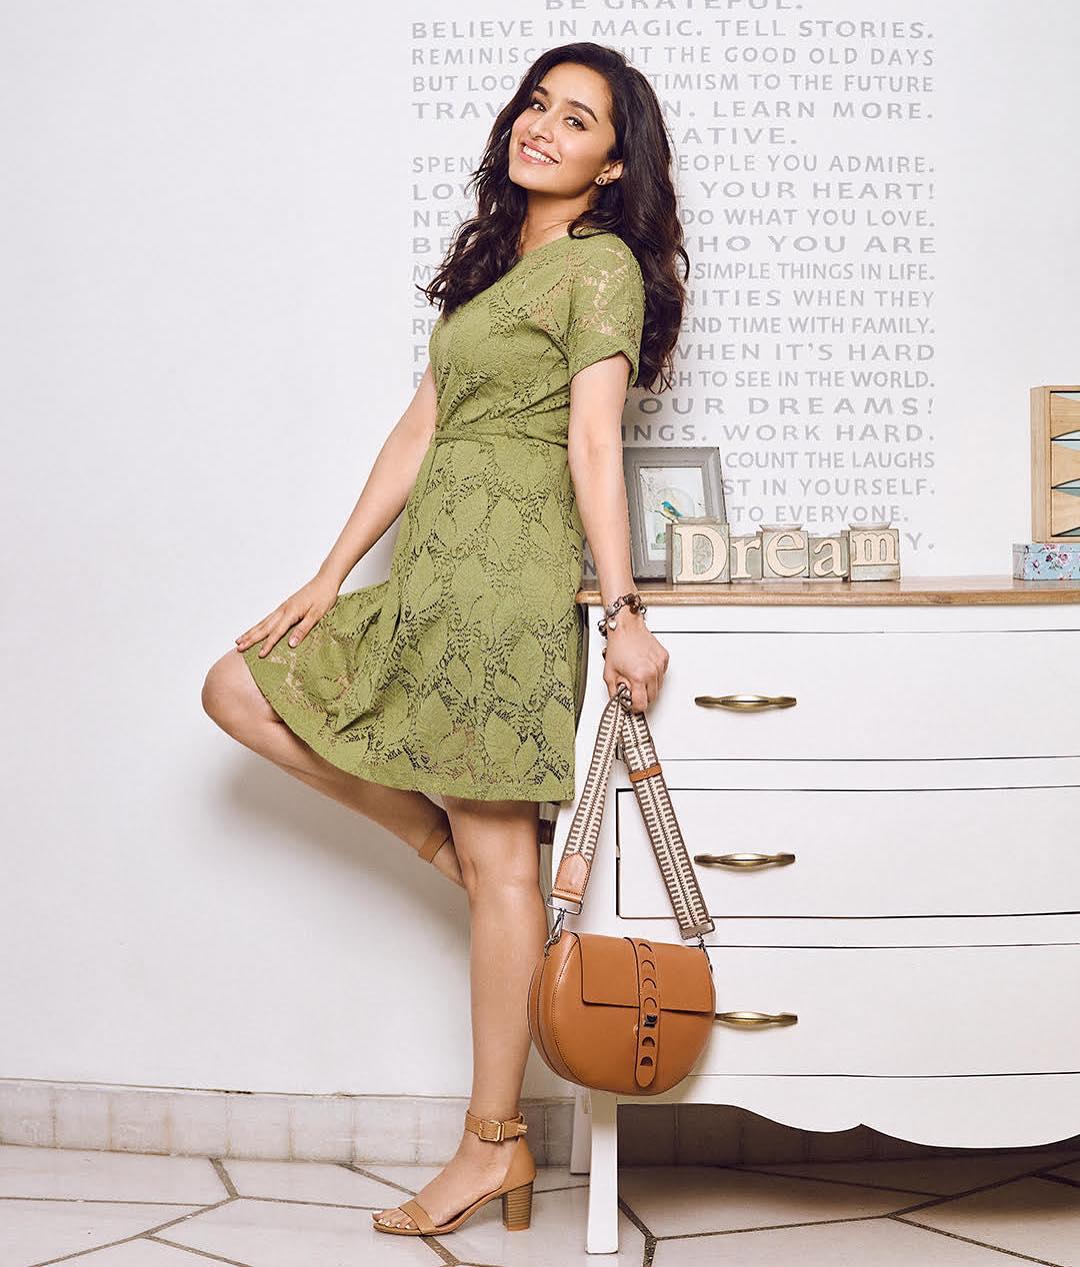 shraddha kapoor bollywood actress 37